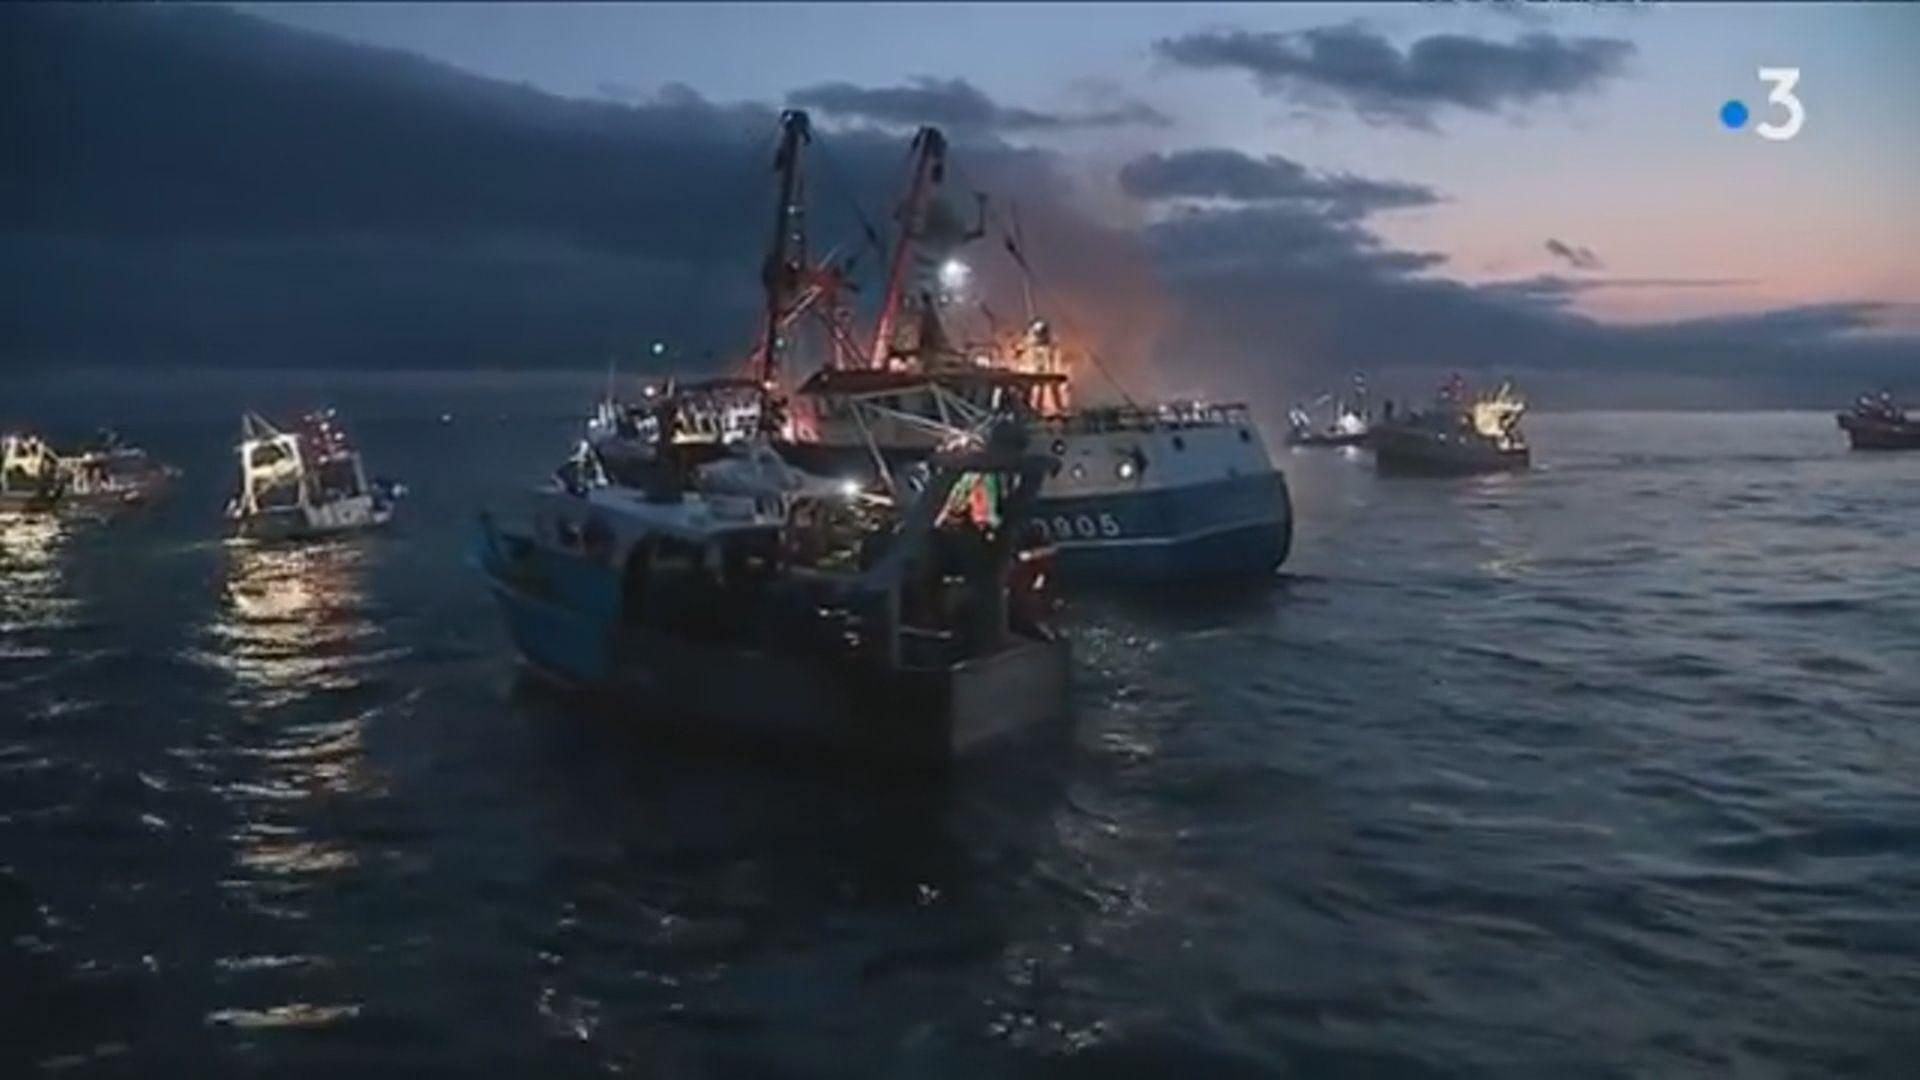 英法就漁船於塞納灣捕漁達成協議